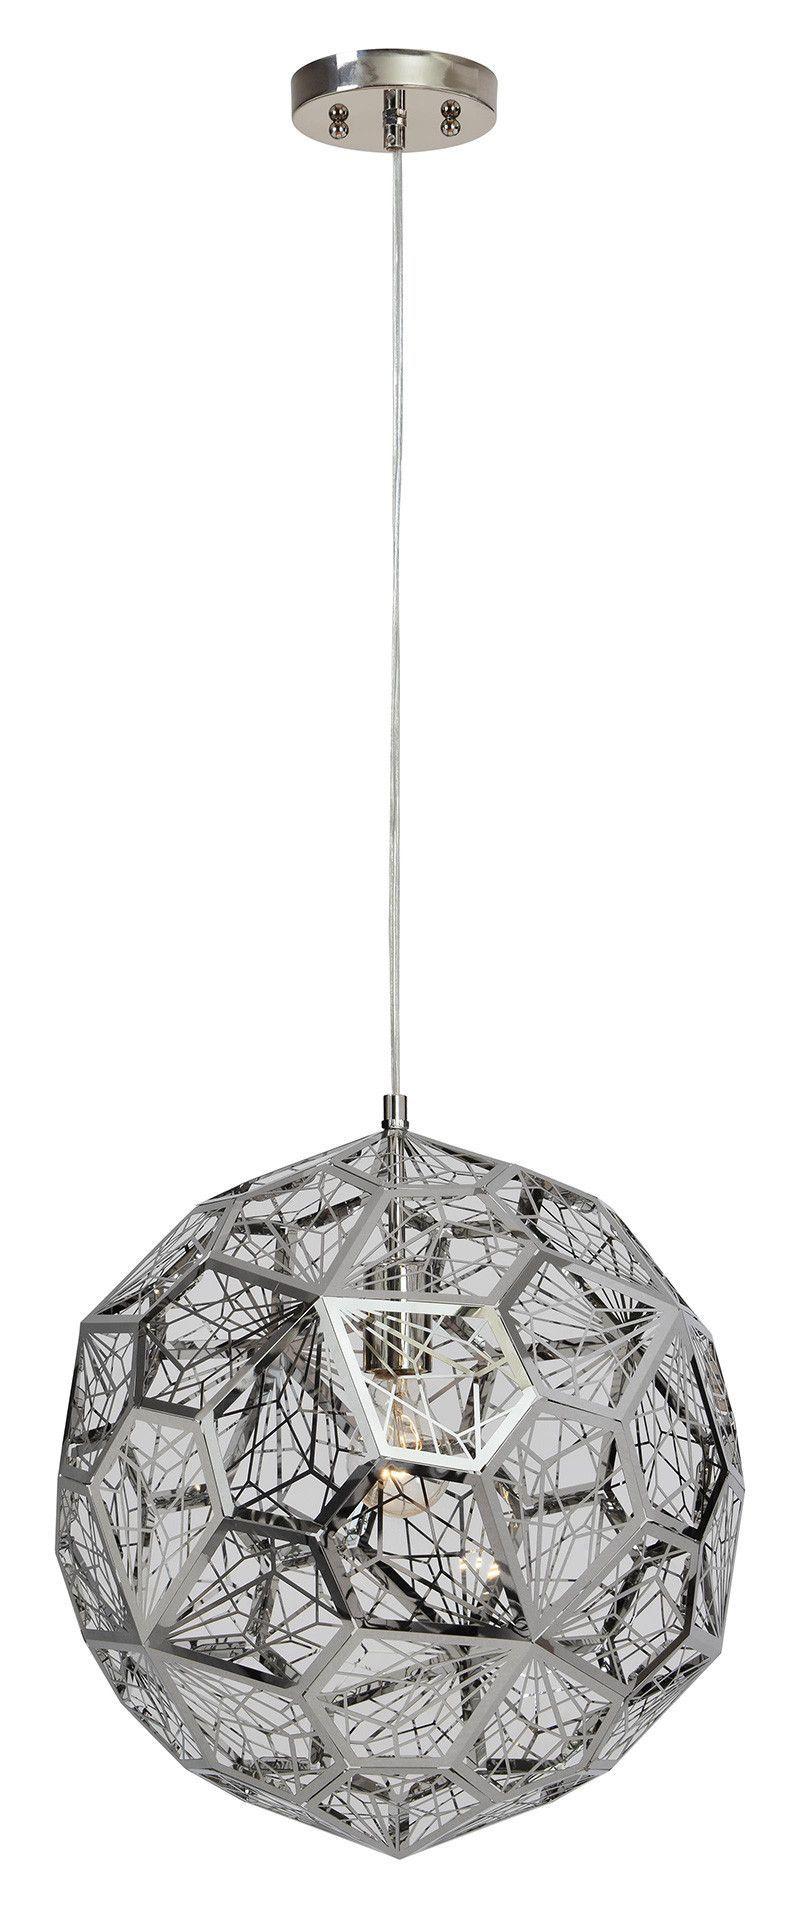 Ren wil lpc4005 marquise ceiling fixture